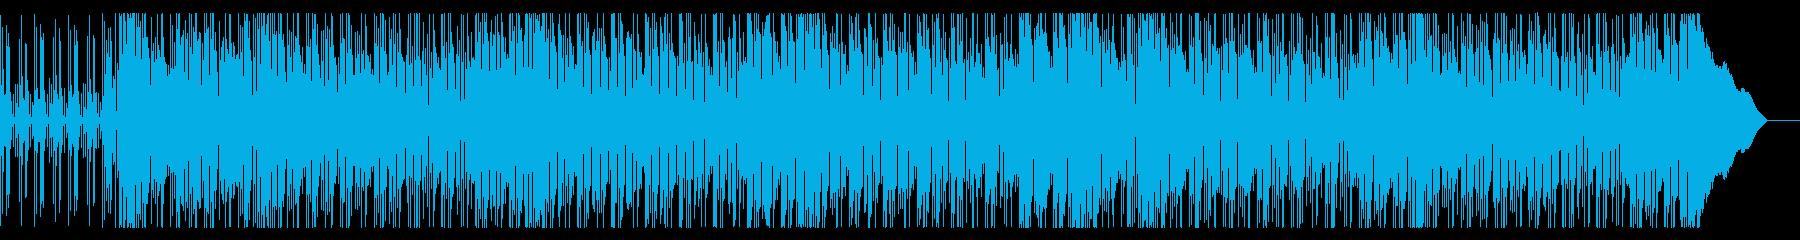 LOUNGE上品なラウンジミュージックの再生済みの波形